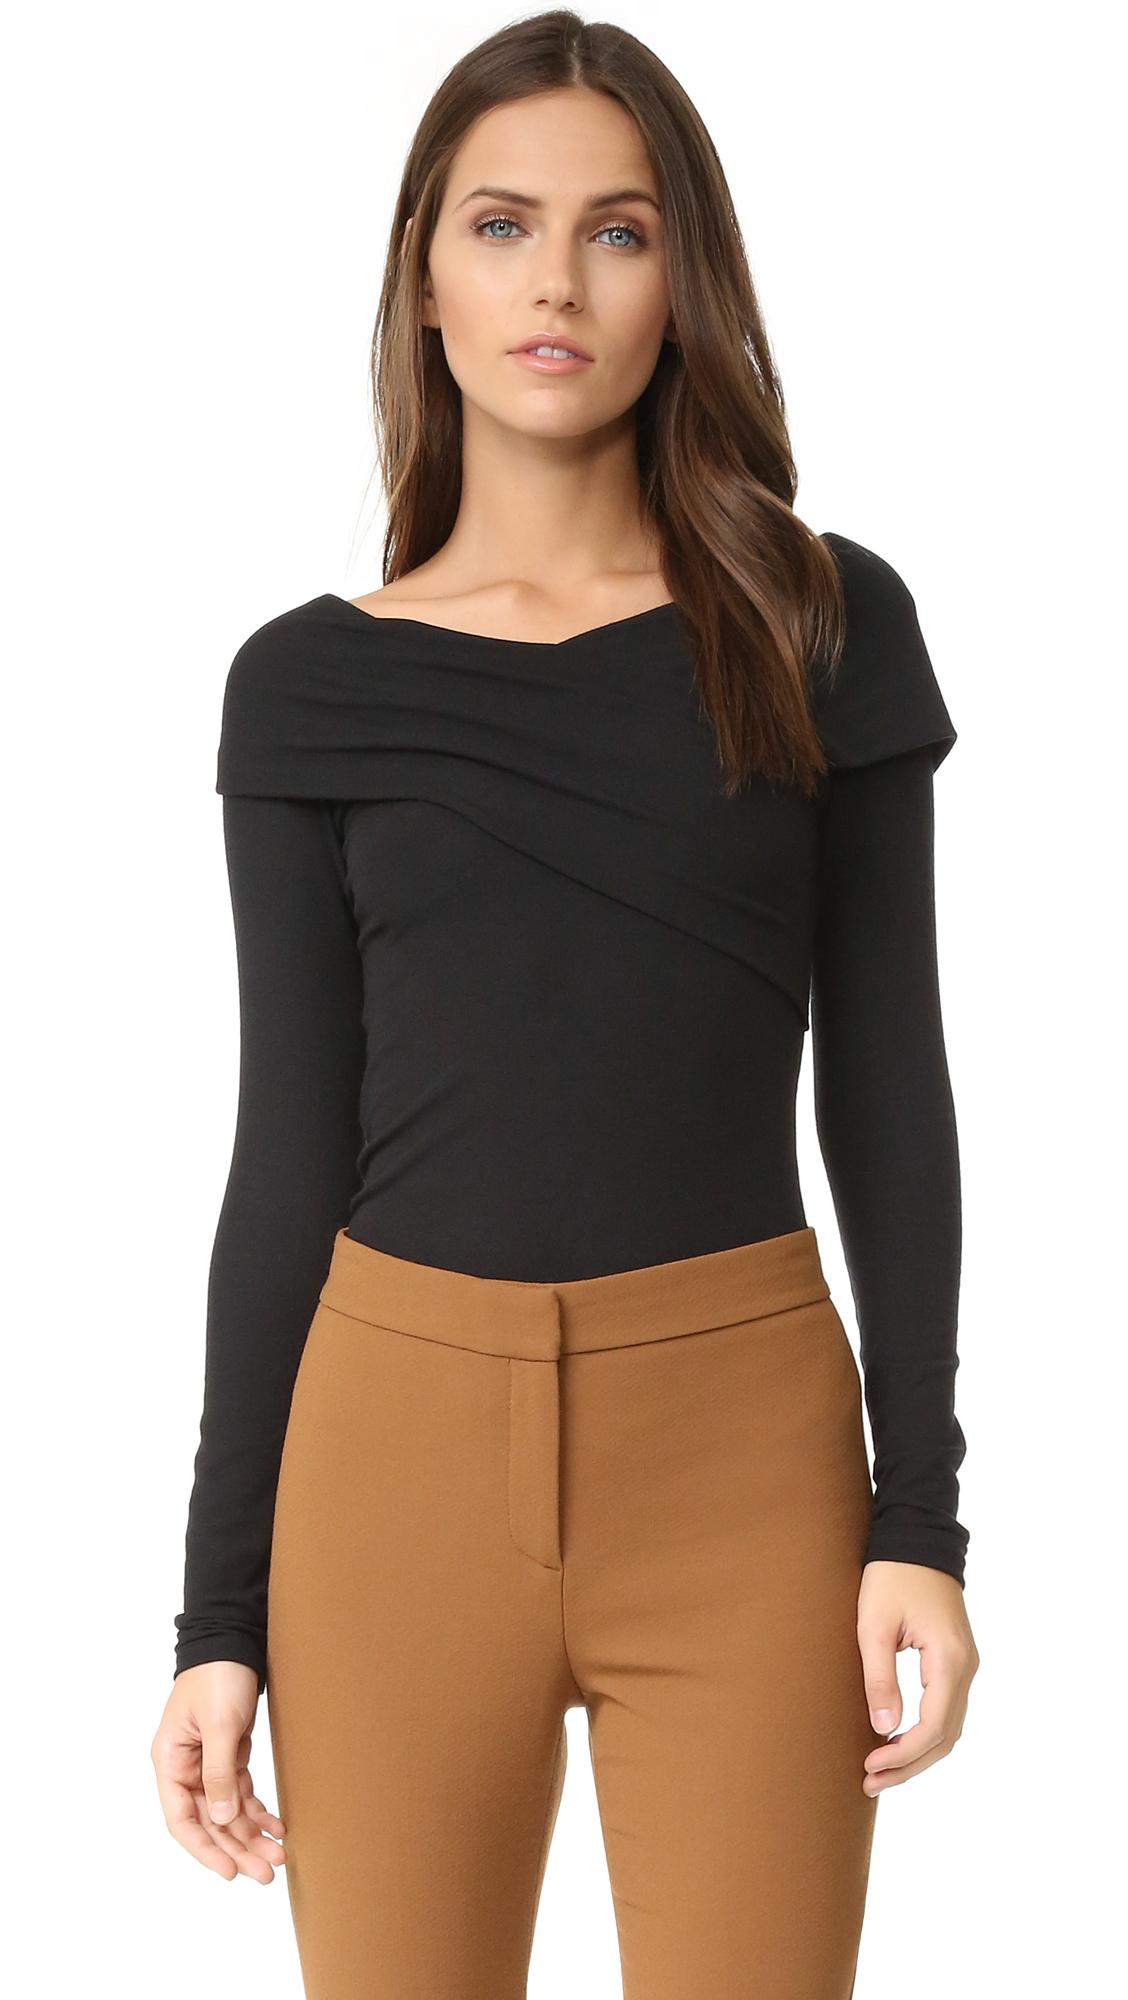 Theory Kellay Long Sleeve Top - Black at Shopbop